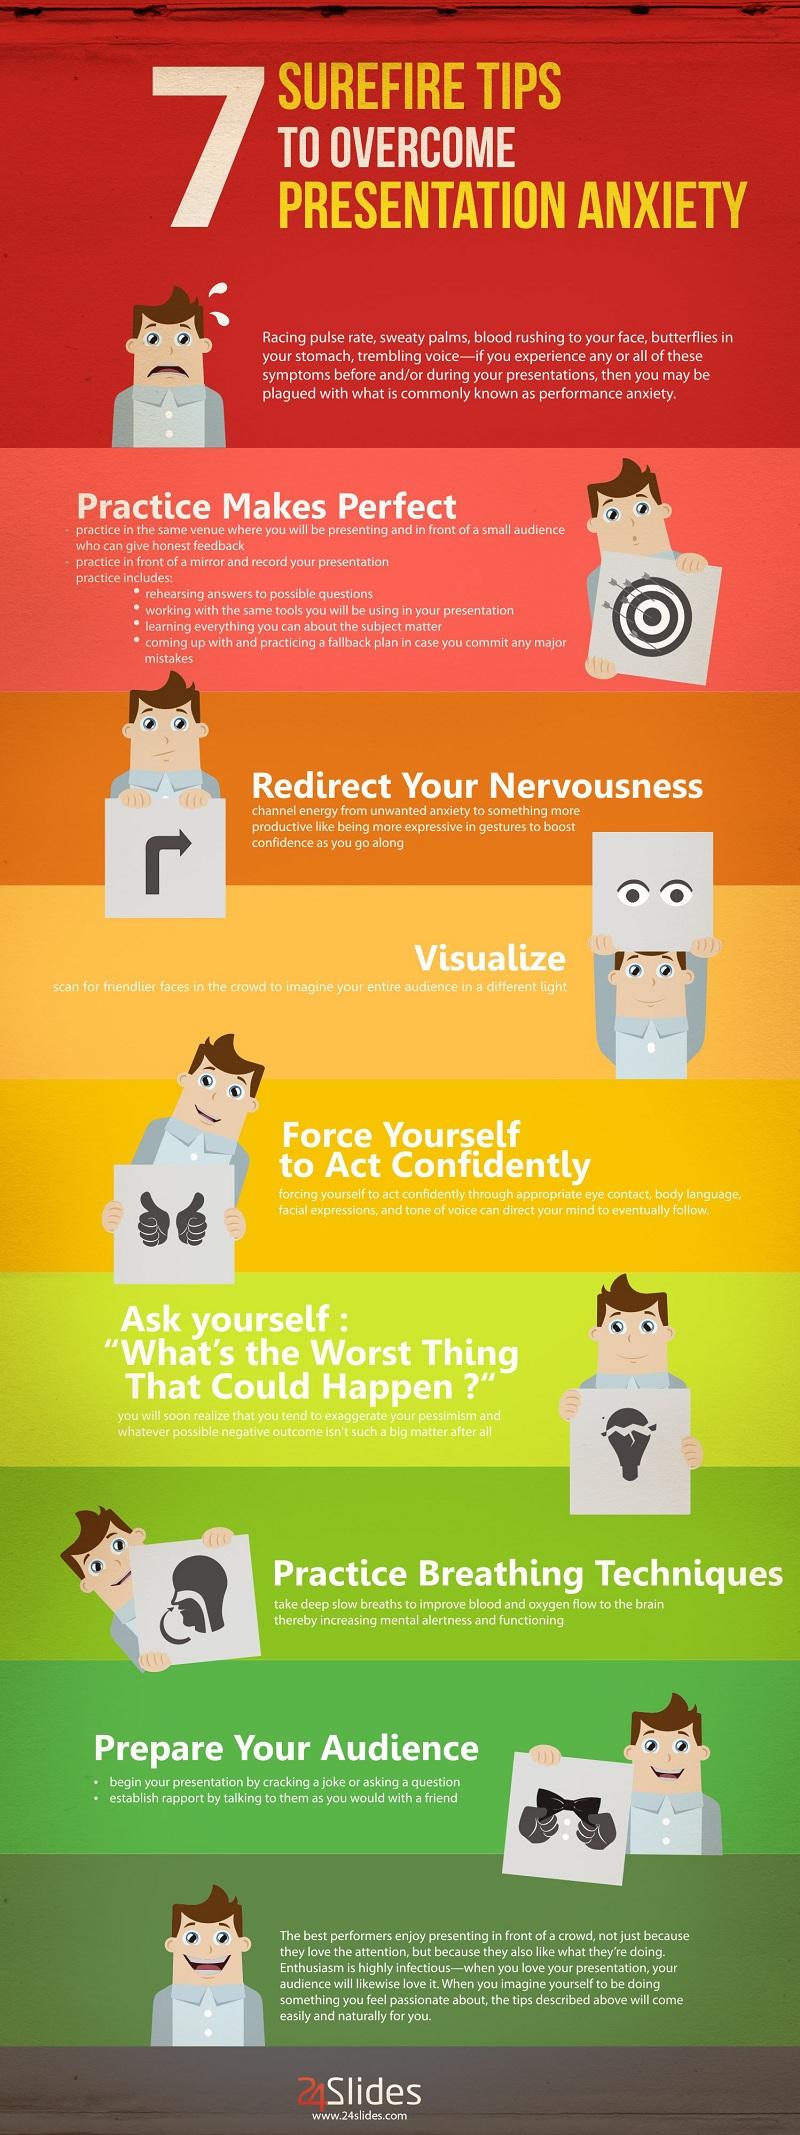 7 consejos infalibles para superar la ansiedad en una presentación